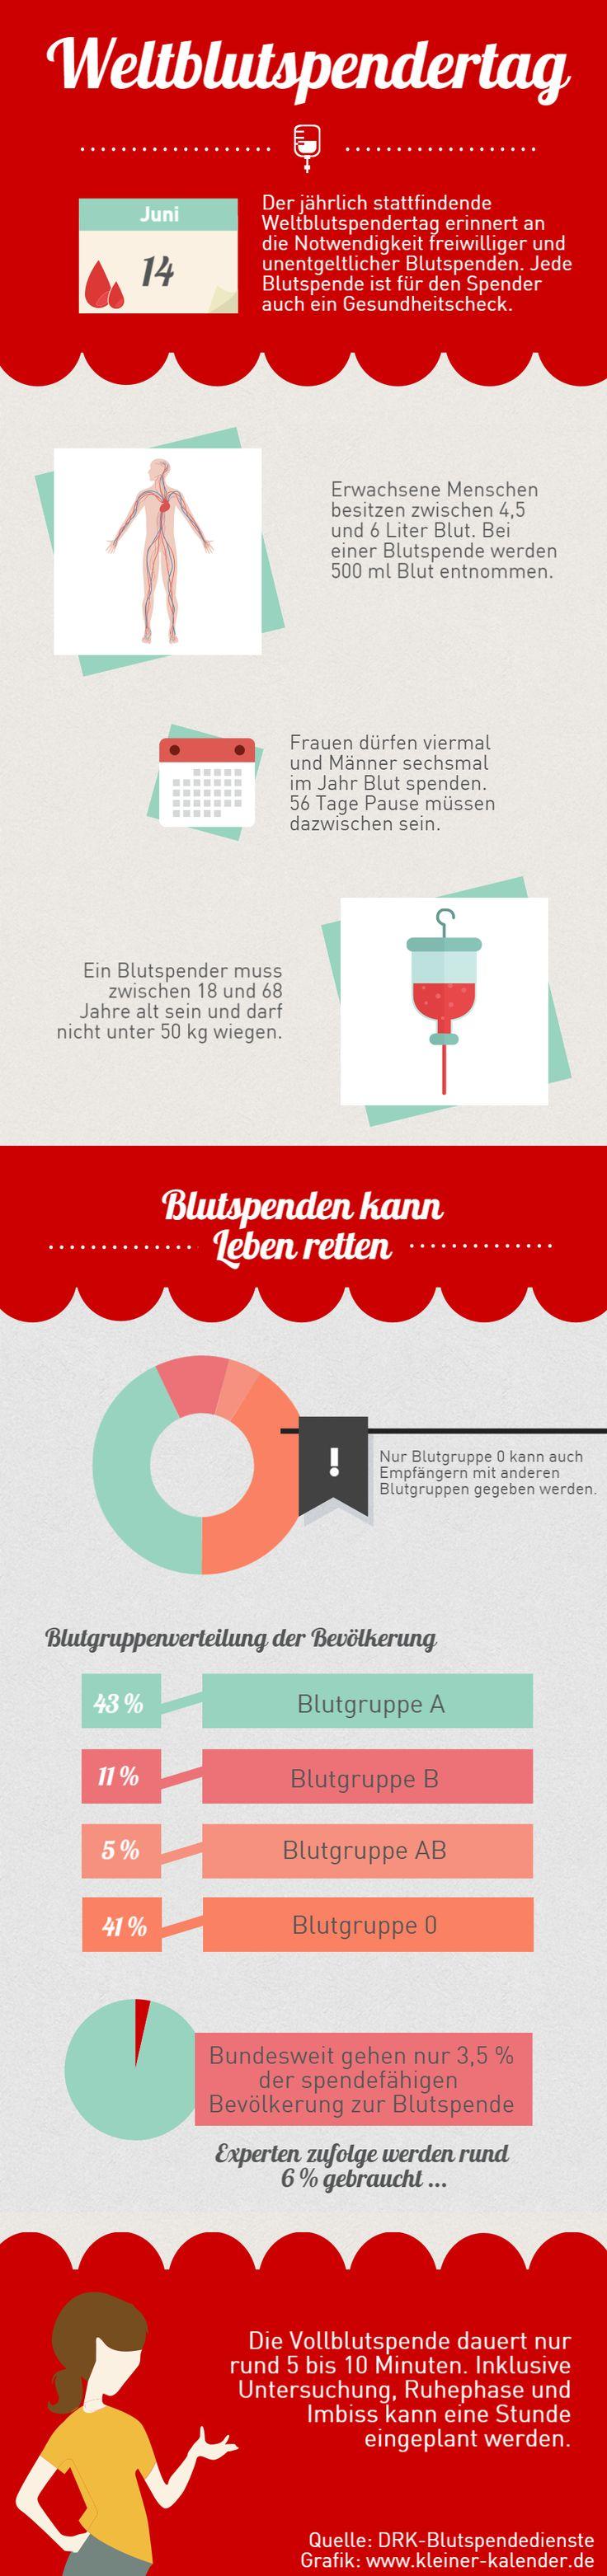 Blutspenden berlin wedding venues